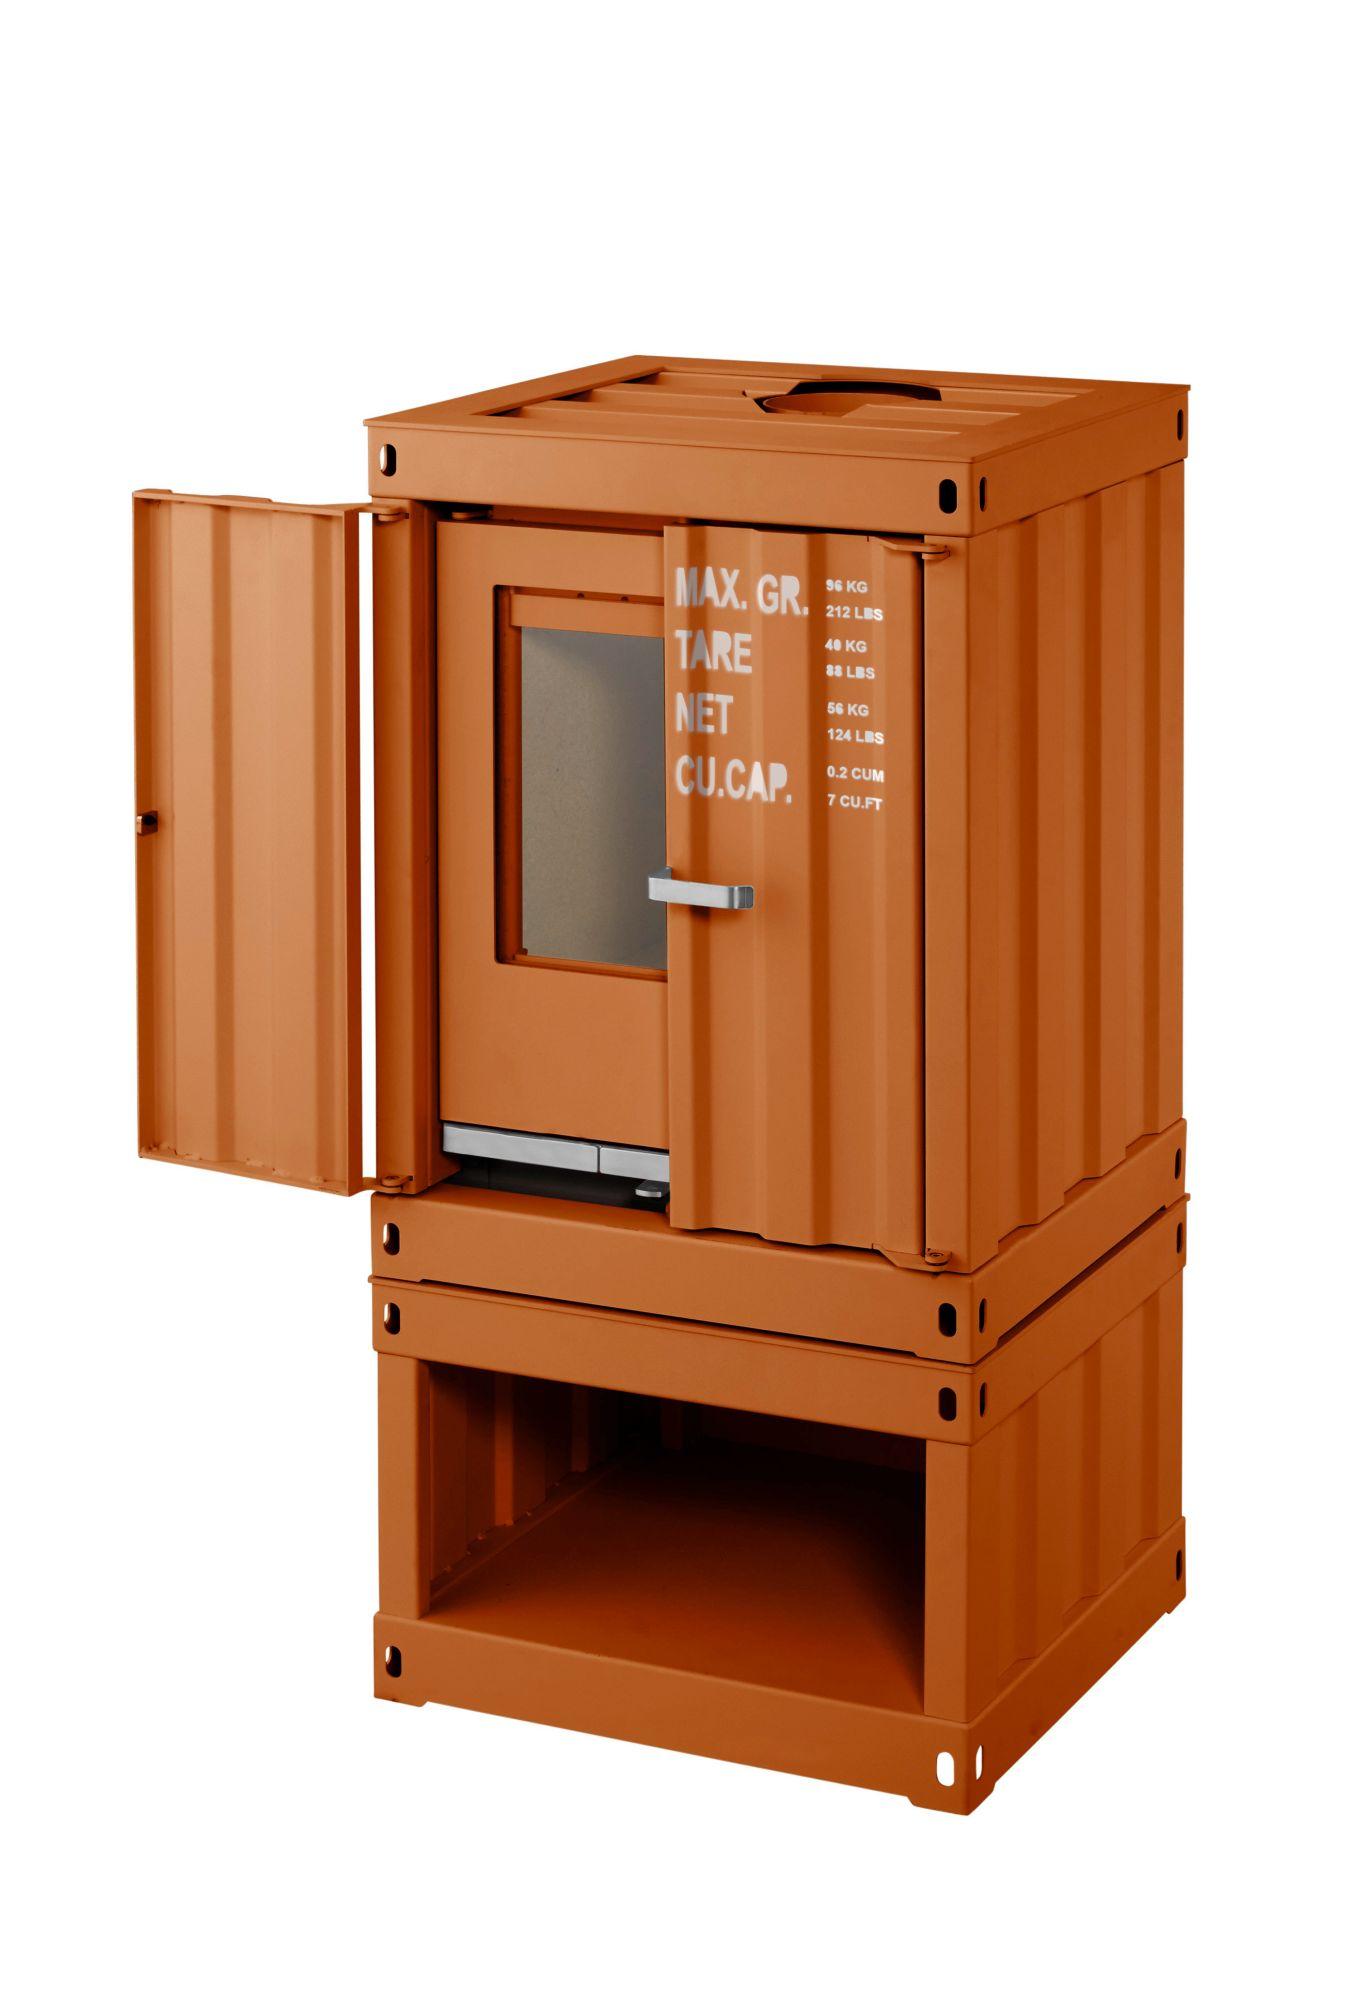 kaminofen rotterdam stahl orange 5 kw ext luftzufuhr. Black Bedroom Furniture Sets. Home Design Ideas